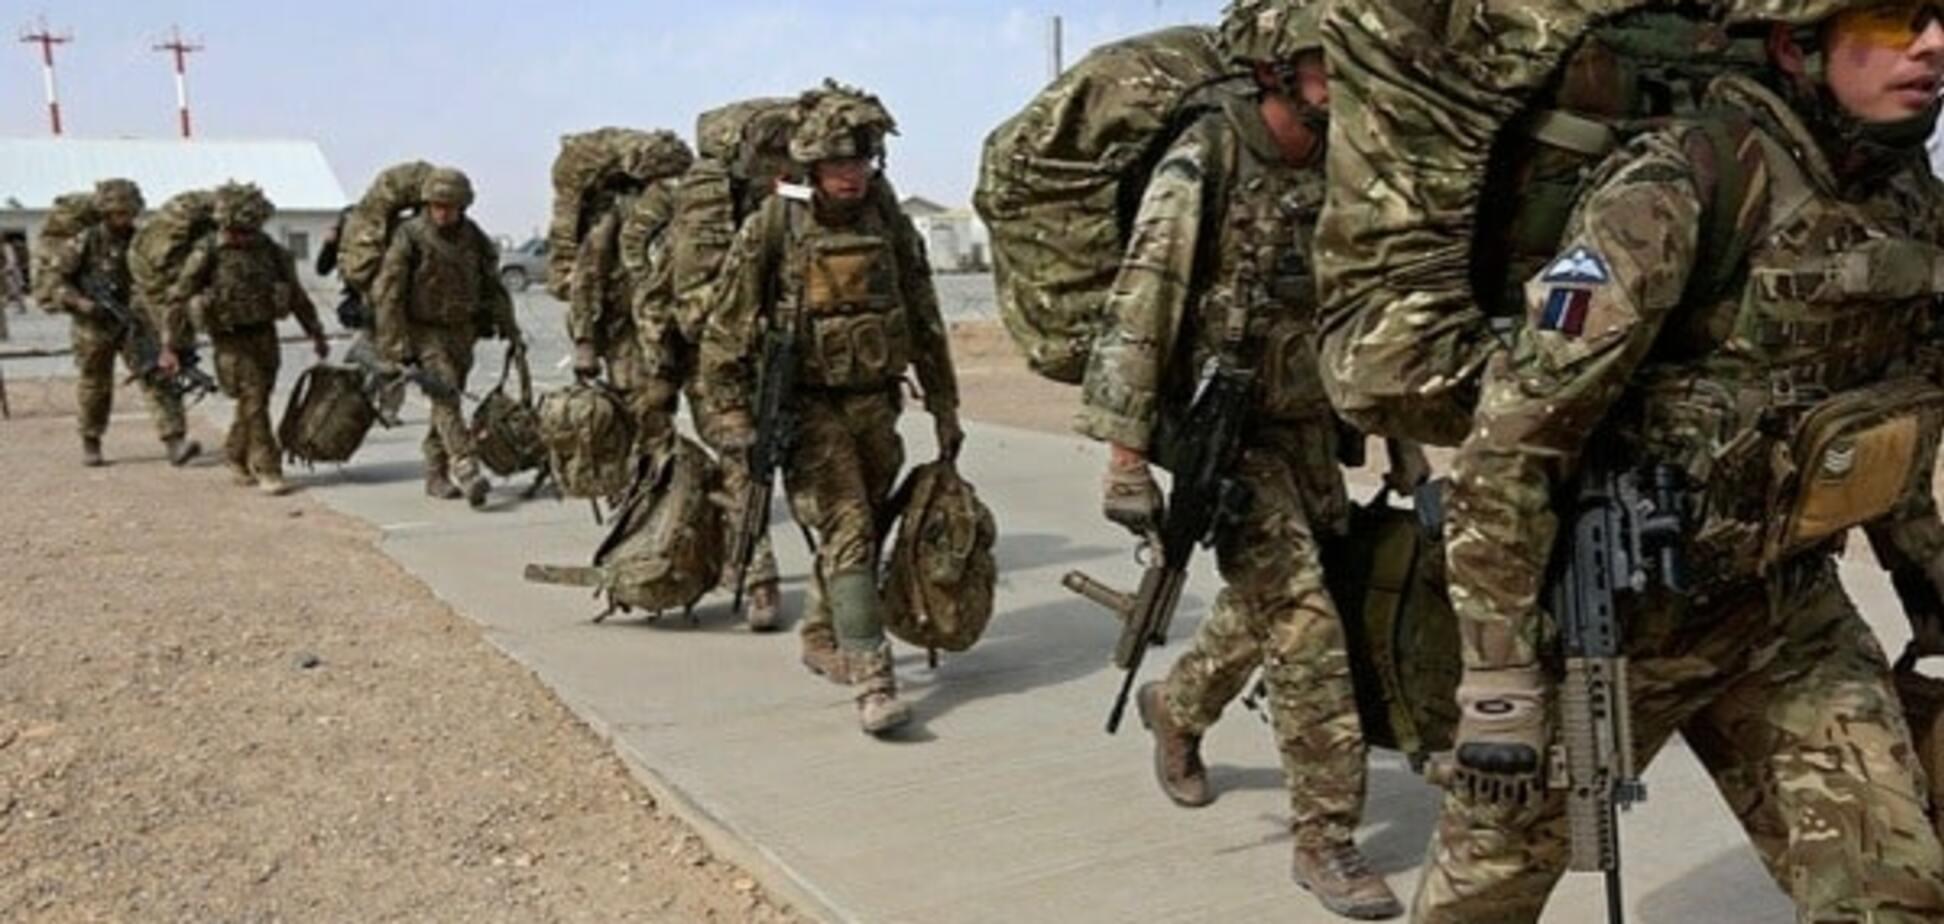 Британские военные готовятся присоединиться к США в Украине - СМИ